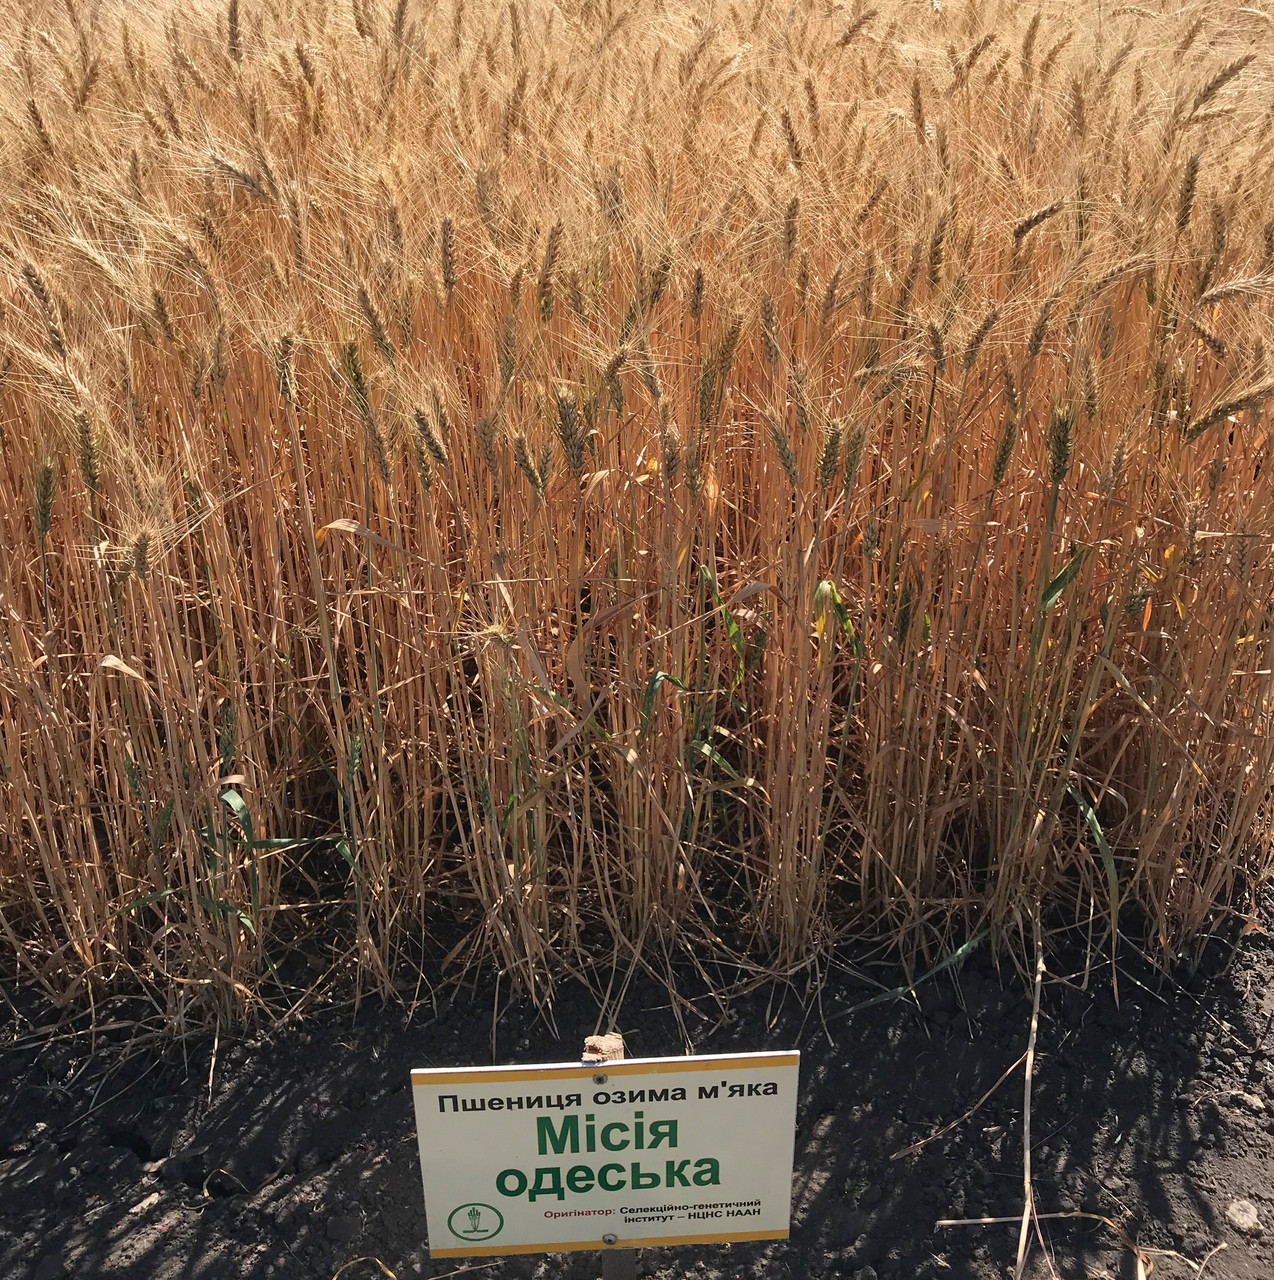 Семена пшеницы озимой Миссия Одесская